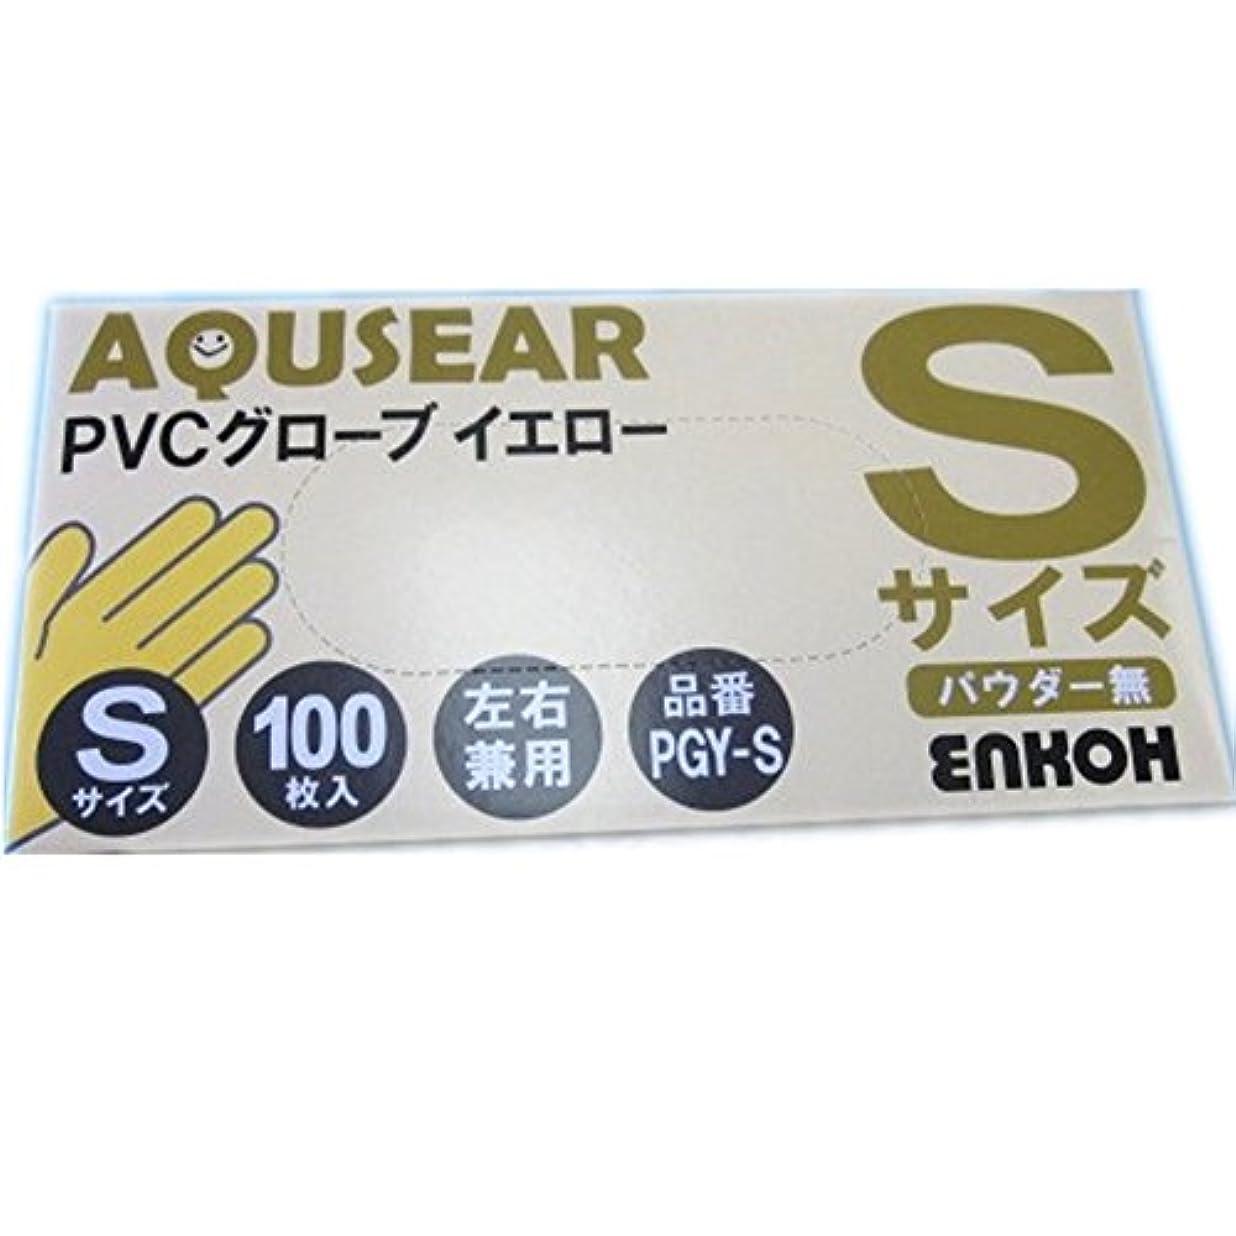 瀬戸際抗議空のAQUSEAR PVC プラスチックグローブ イエロー 弾性 Sサイズ パウダー無 PGY-S 100枚×20箱